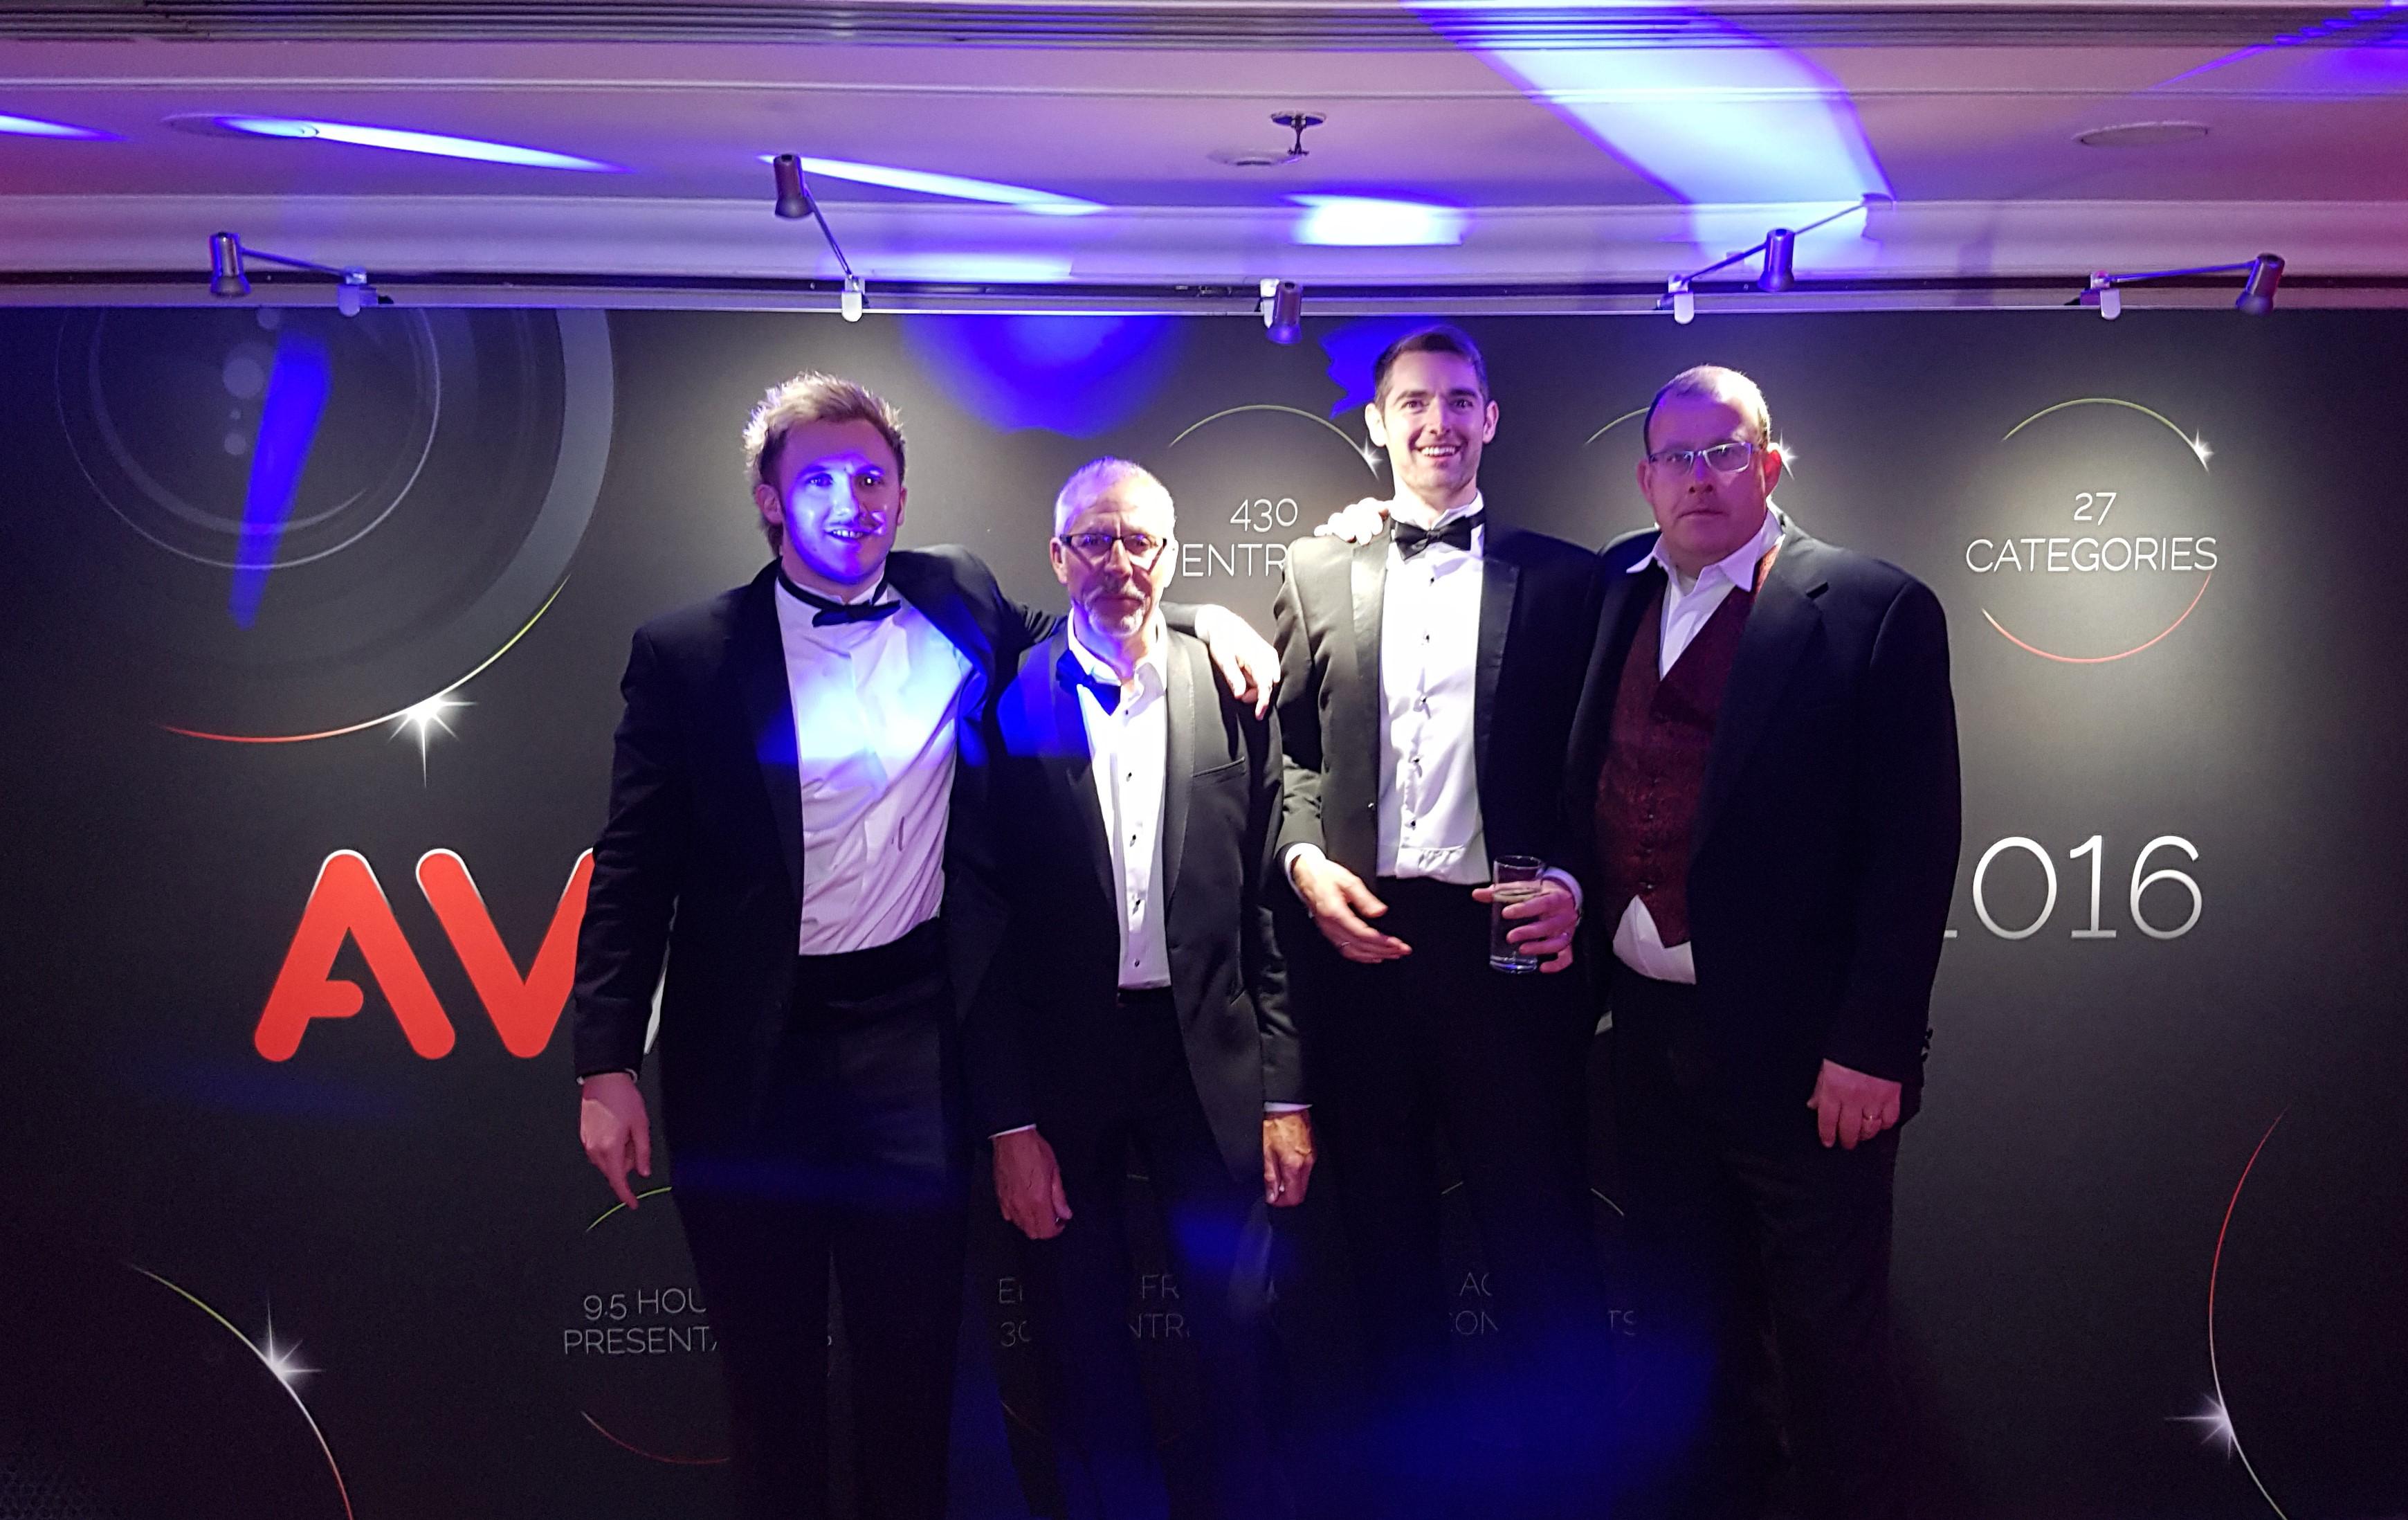 AV Awards 2016 - B-Tech Group Photo